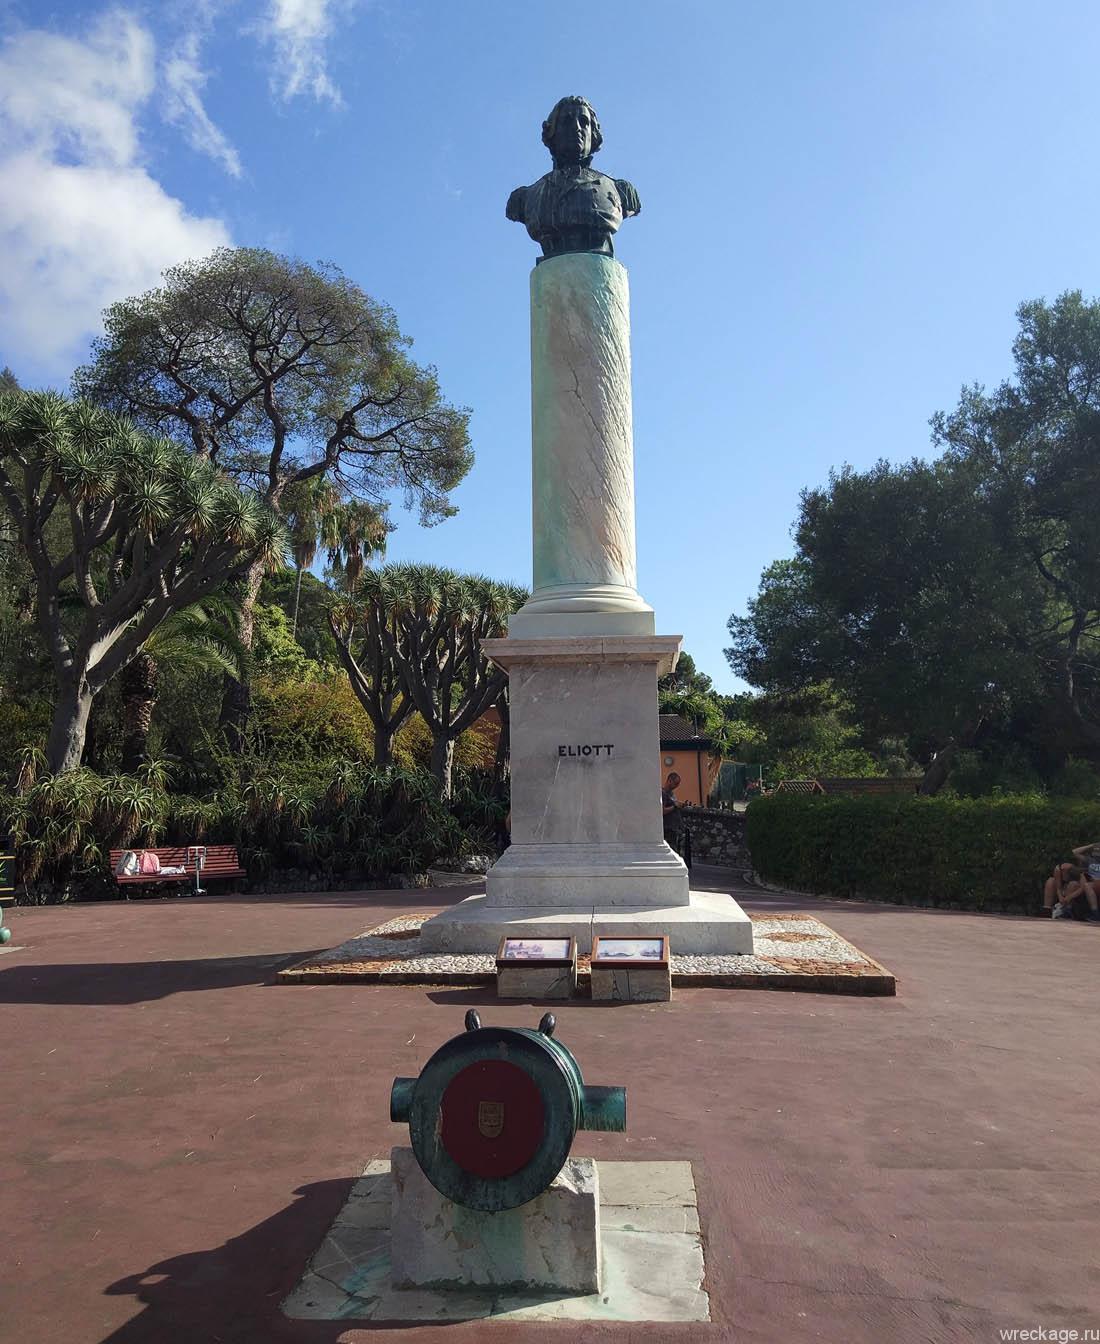 вход в ботанический сад гибралтара бесплатный памятник героя генерала Эллиота.